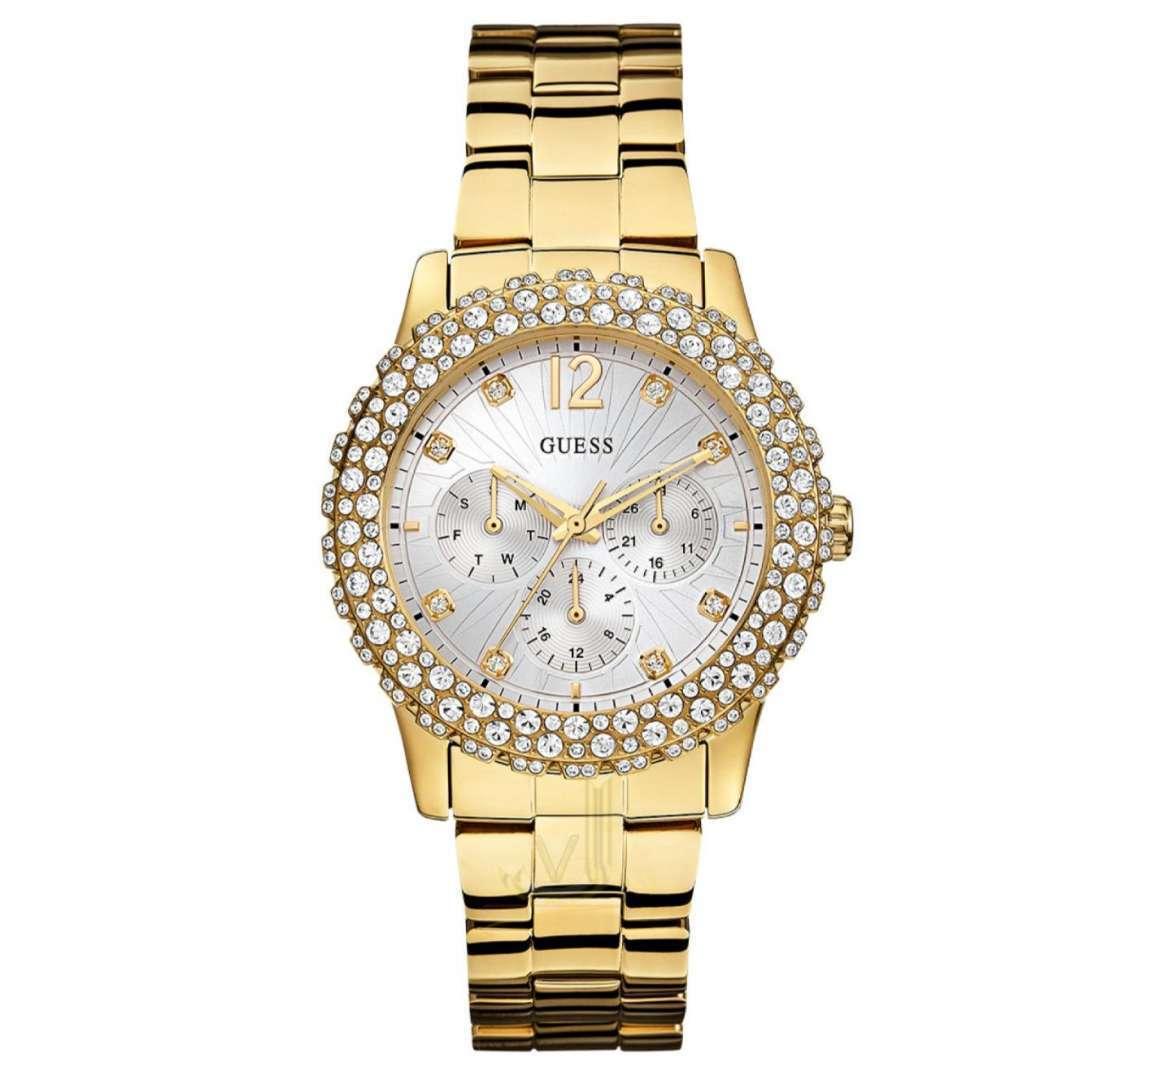 שעון יד אנלוגי דגם: guess W0335L2 גס